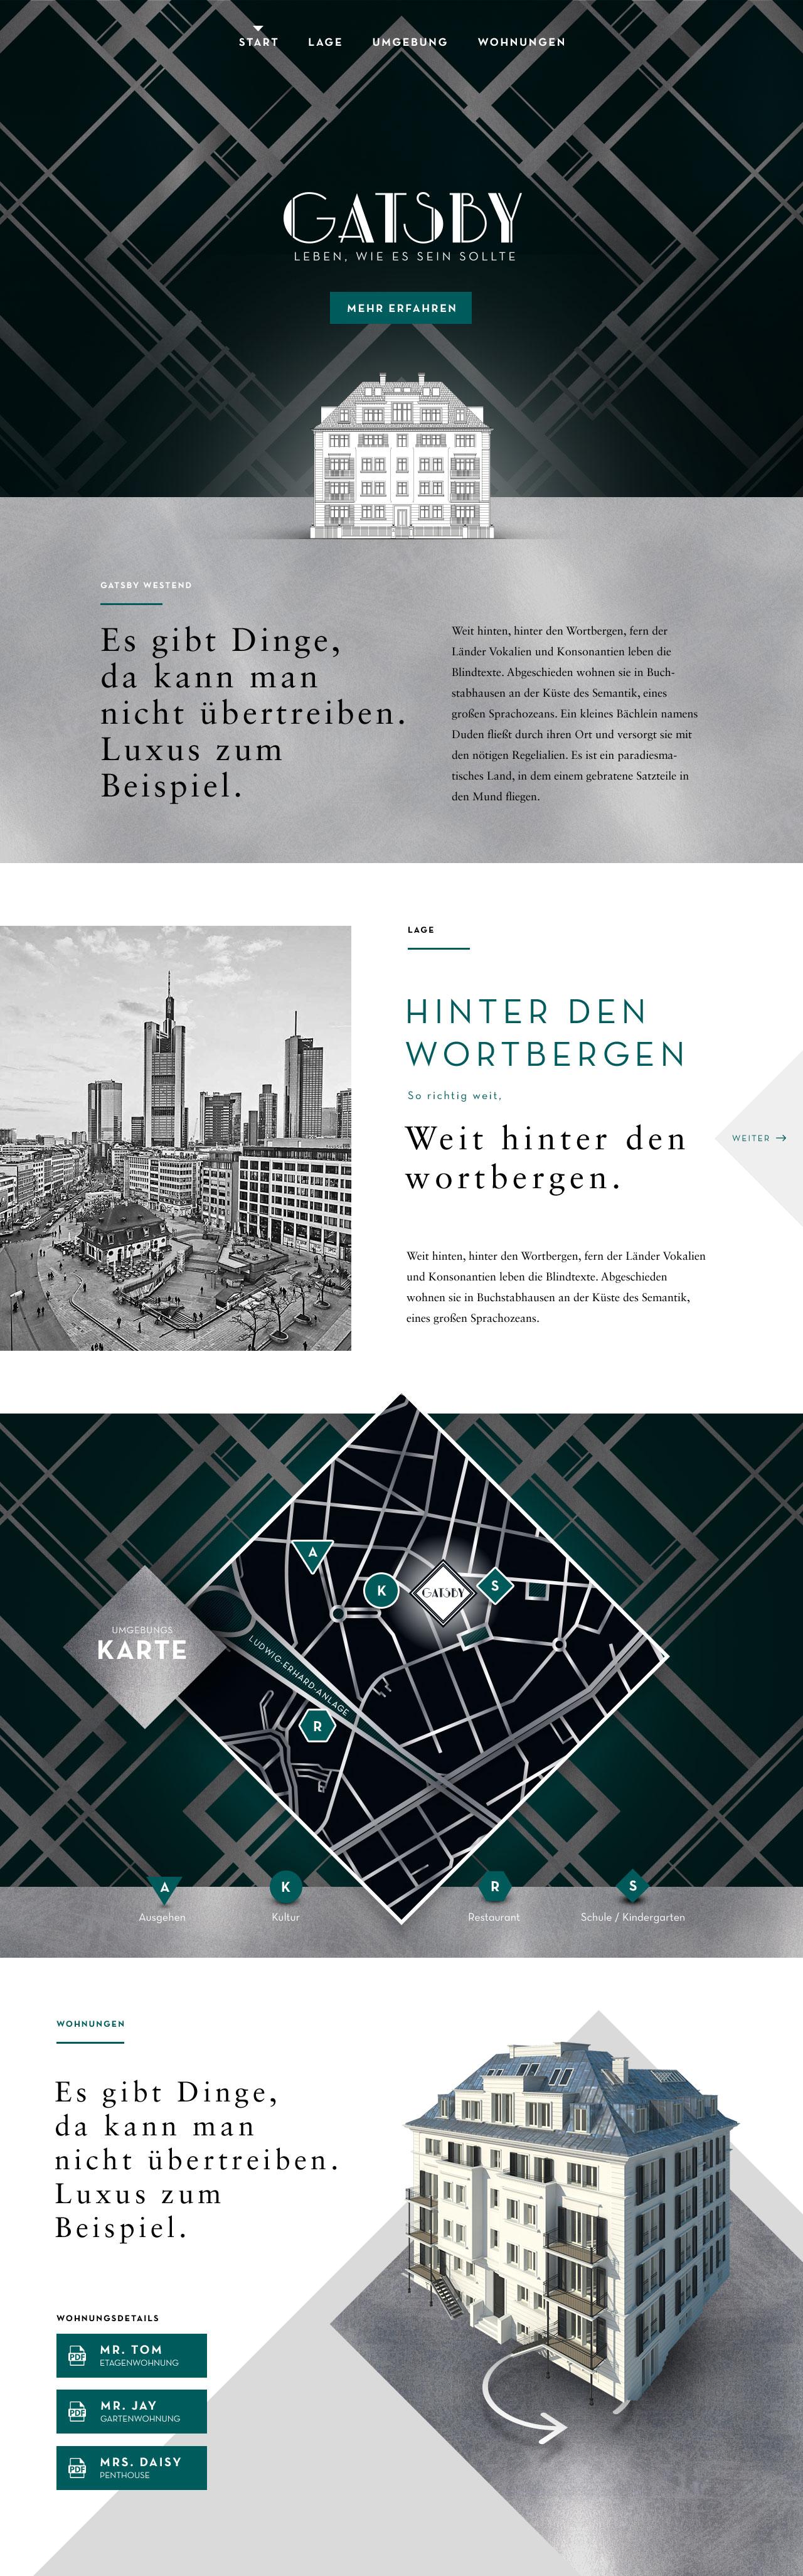 Gestaltung einer Immobilien-Vermarktungs-Webseite